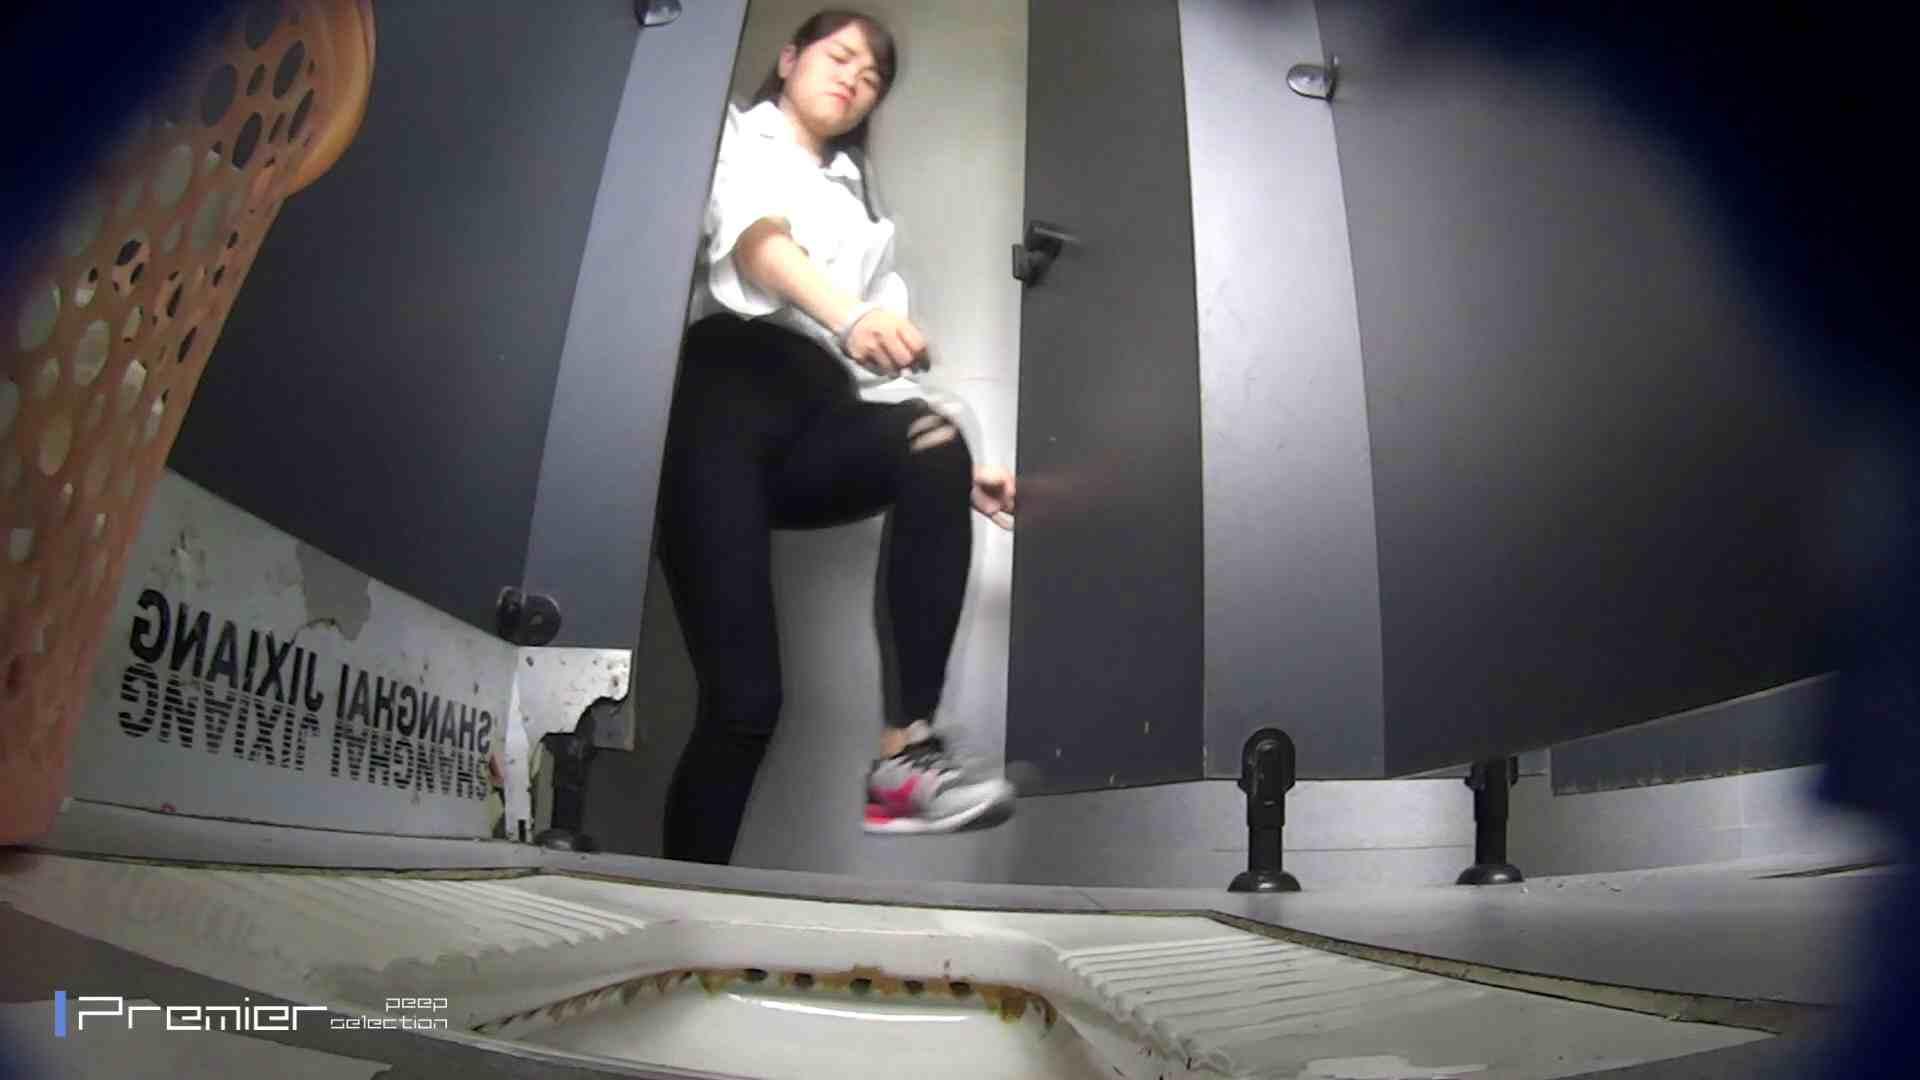 若さ溢れるギャル達のnyo  大学休憩時間の洗面所事情46 洗面所 盗み撮り動画キャプチャ 106枚 3